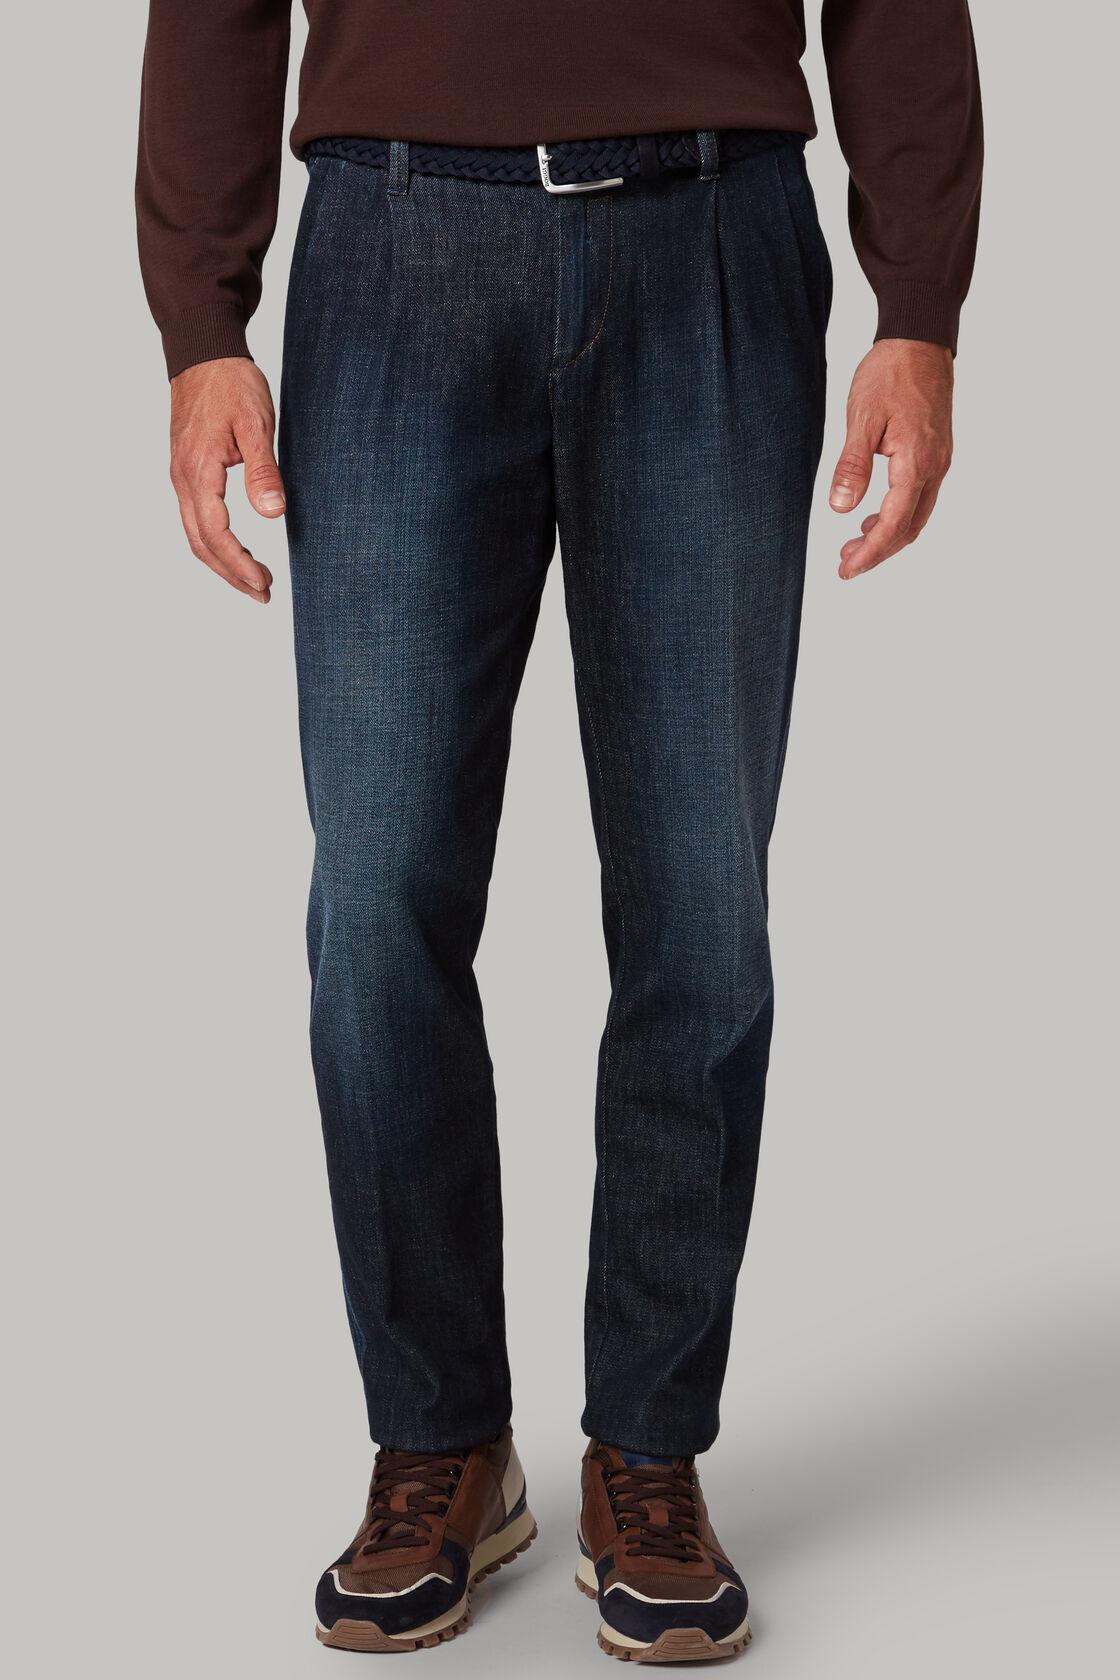 Pantalone In Denim Con Lavaggio Scuro E Due Pinces, , hi-res